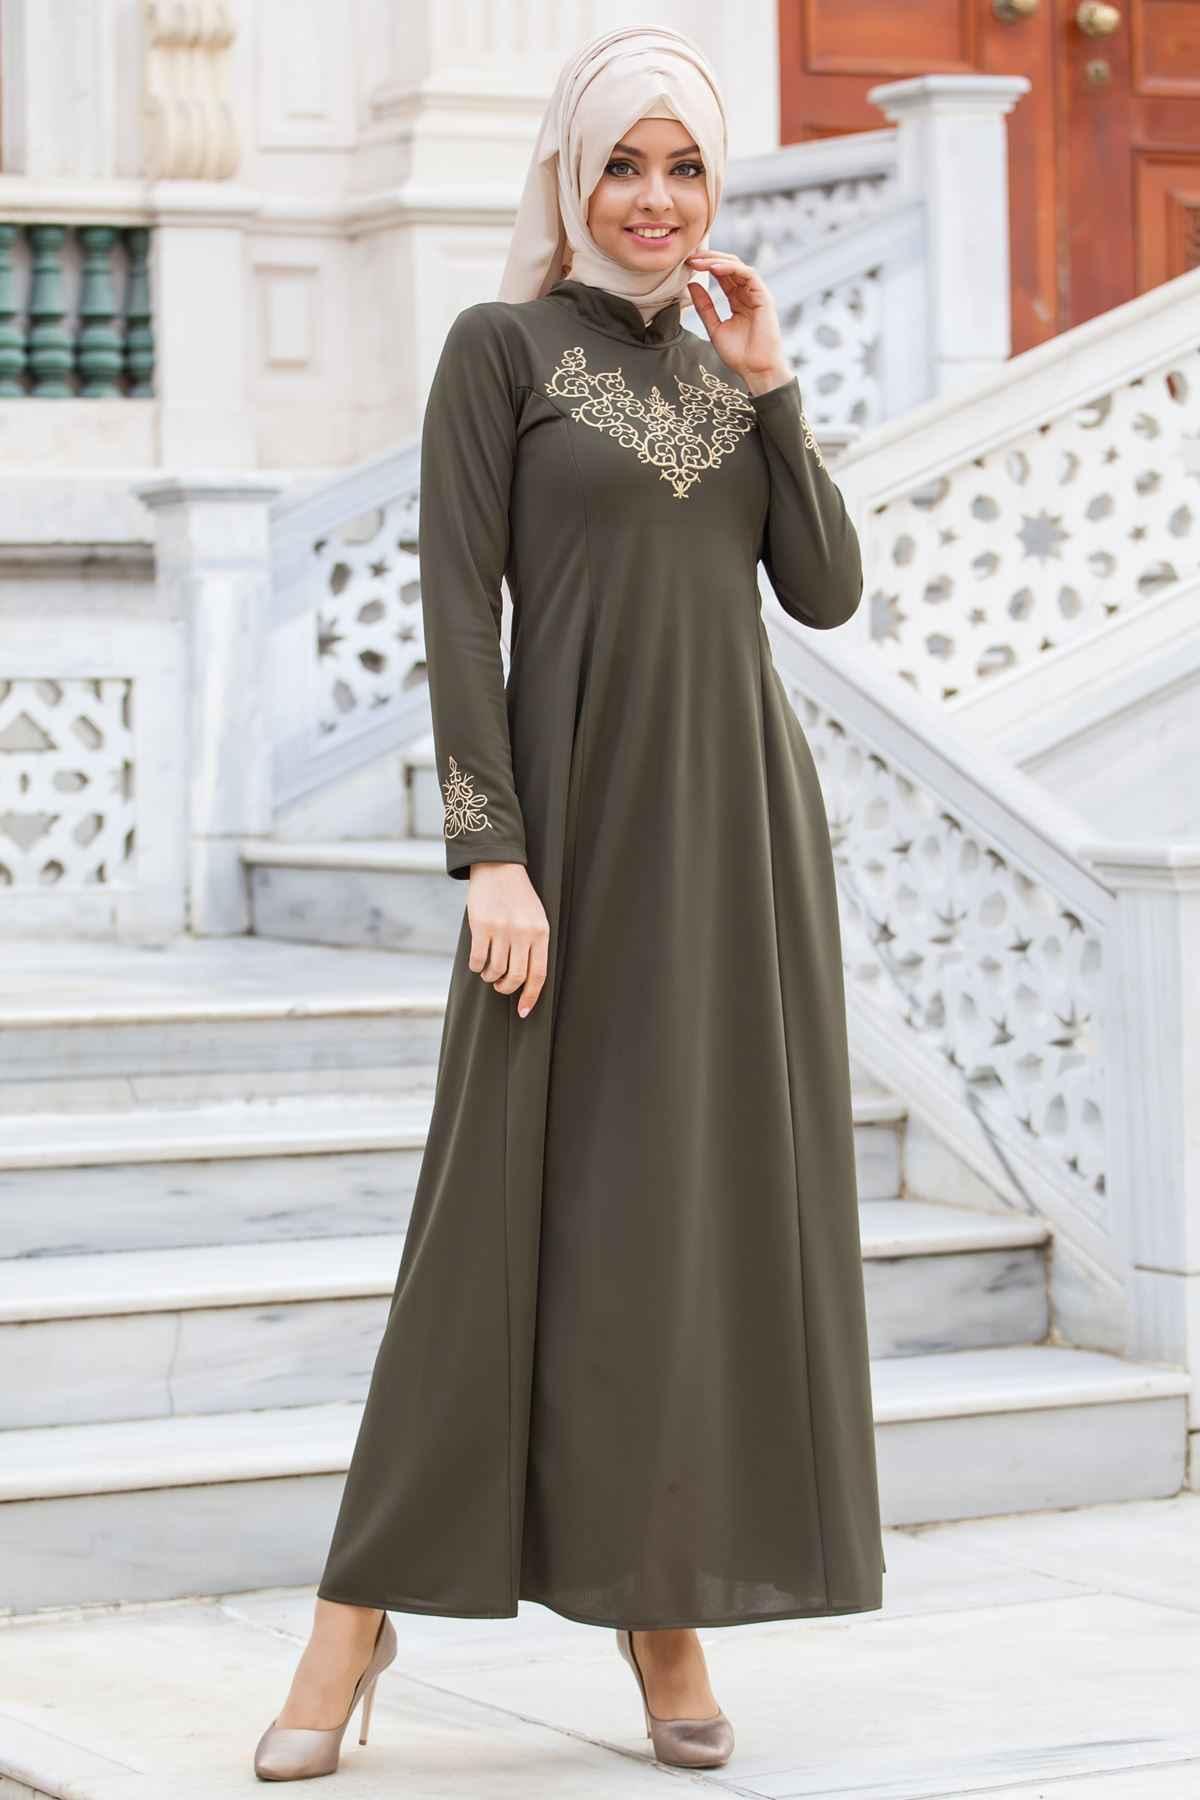 Sedanur Tesettür Haki Renk Elbise Modelleri